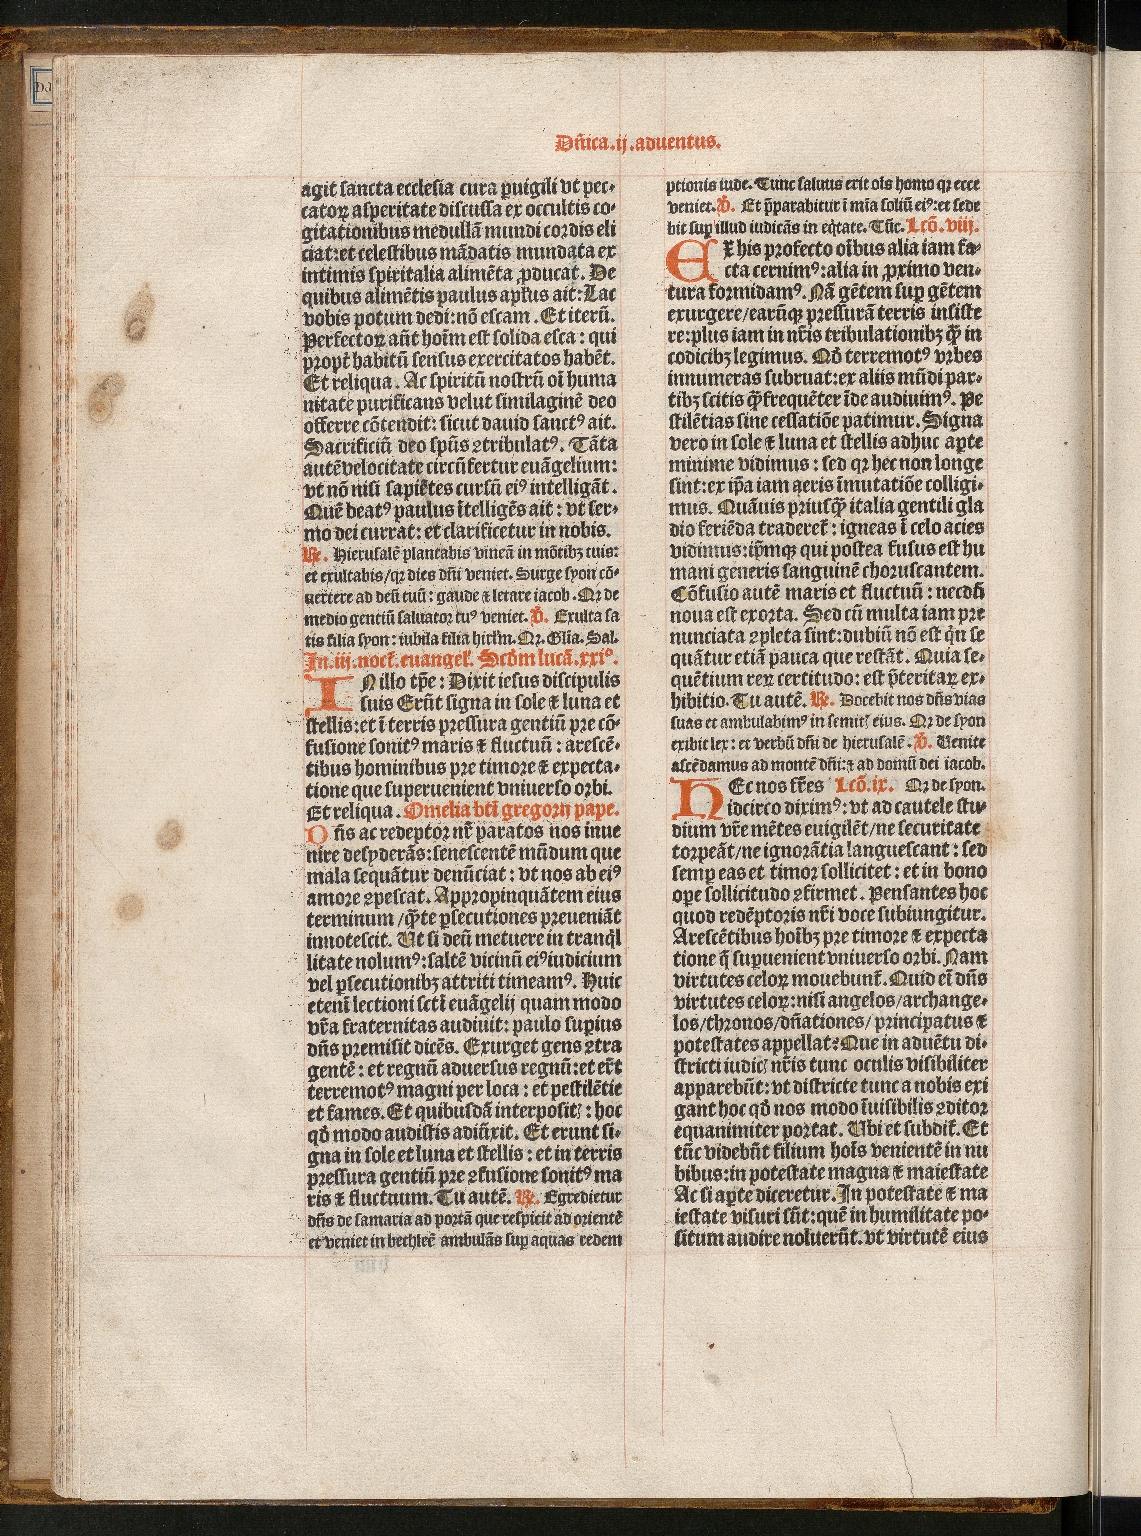 Breviarium ad usum sa[rum]., f. 13v